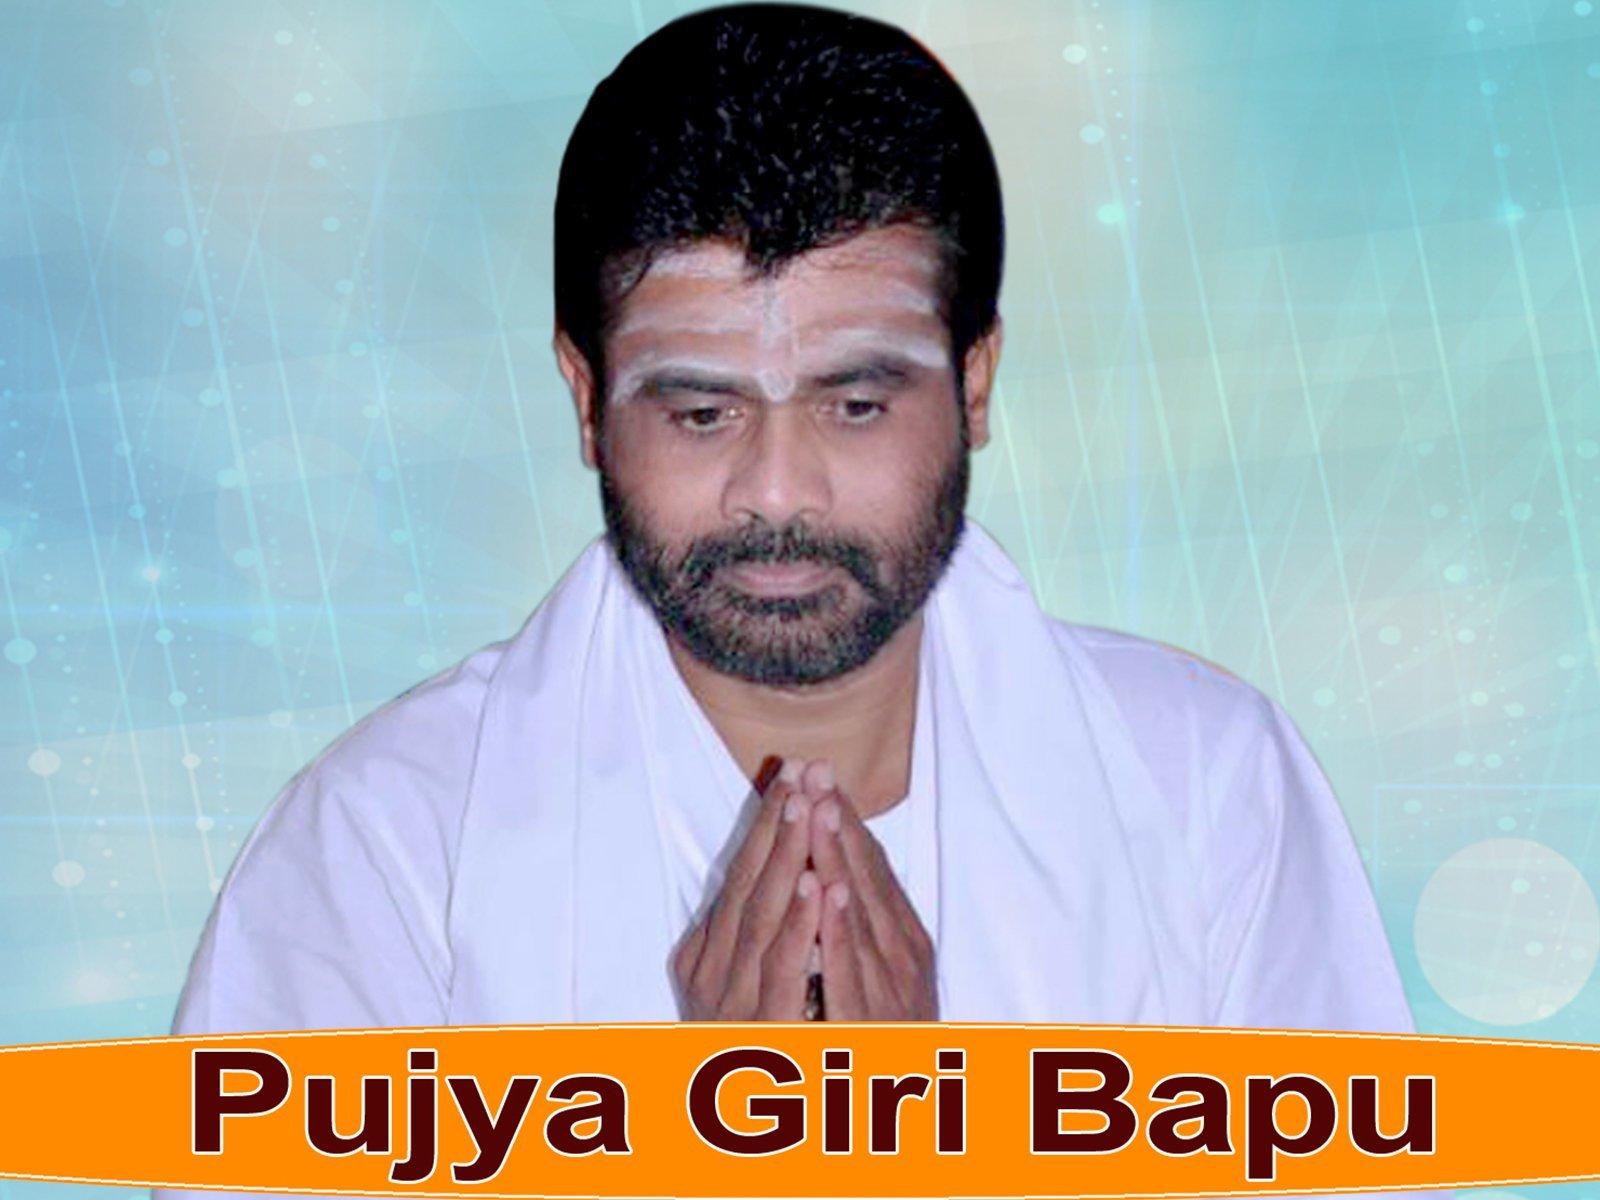 Pujya Giri Bapu-Aastha TV